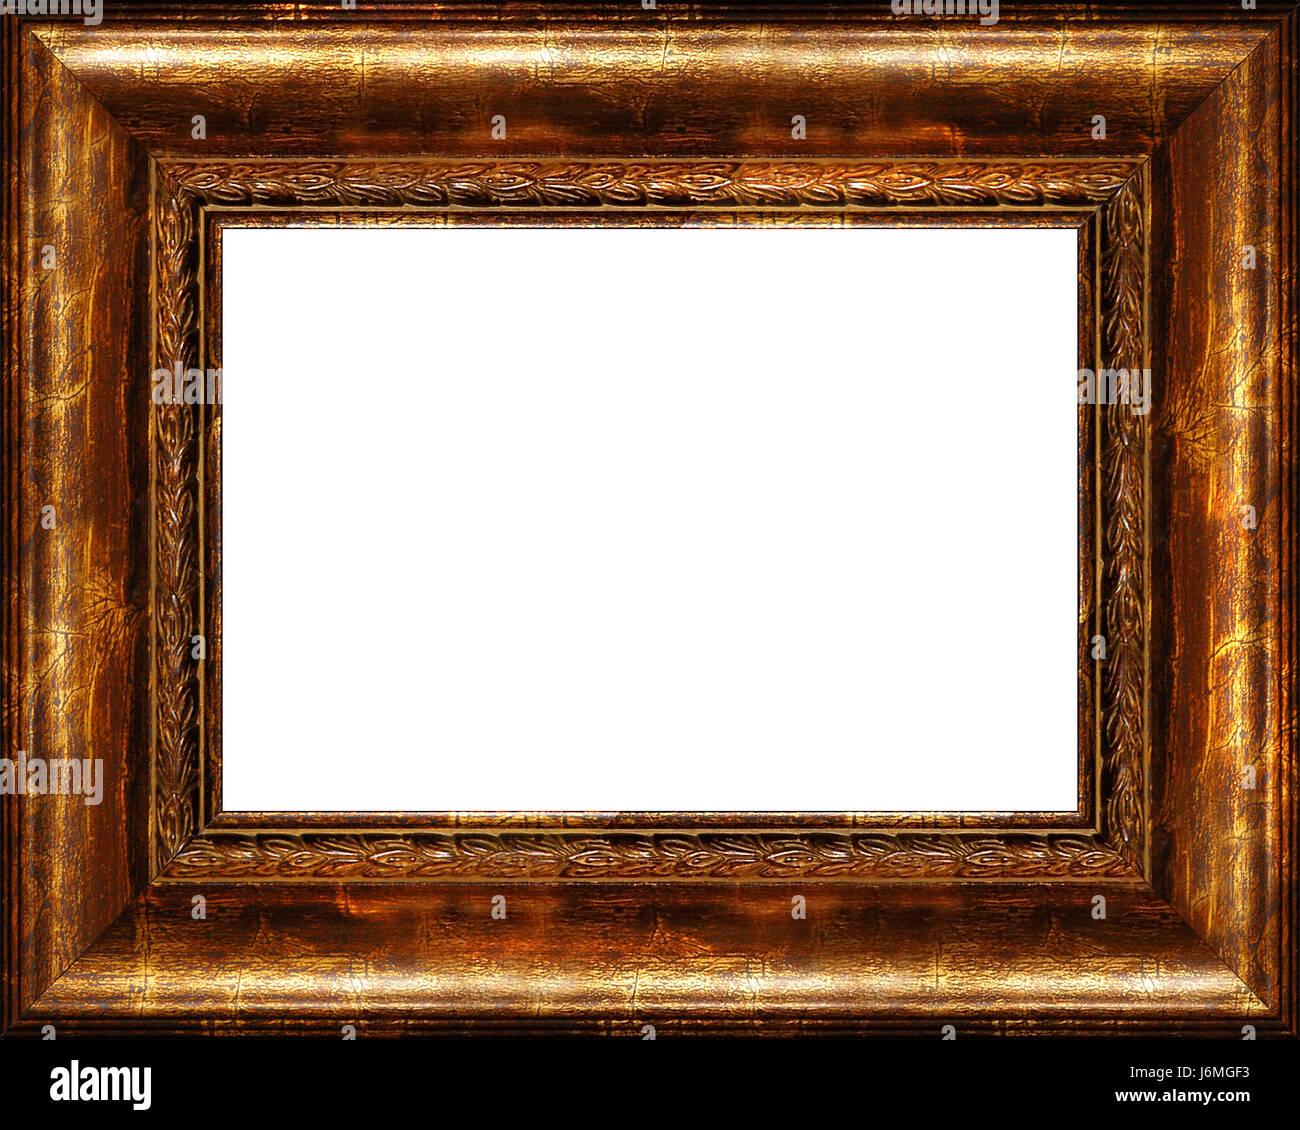 Antique Frames Stockfotos & Antique Frames Bilder - Alamy